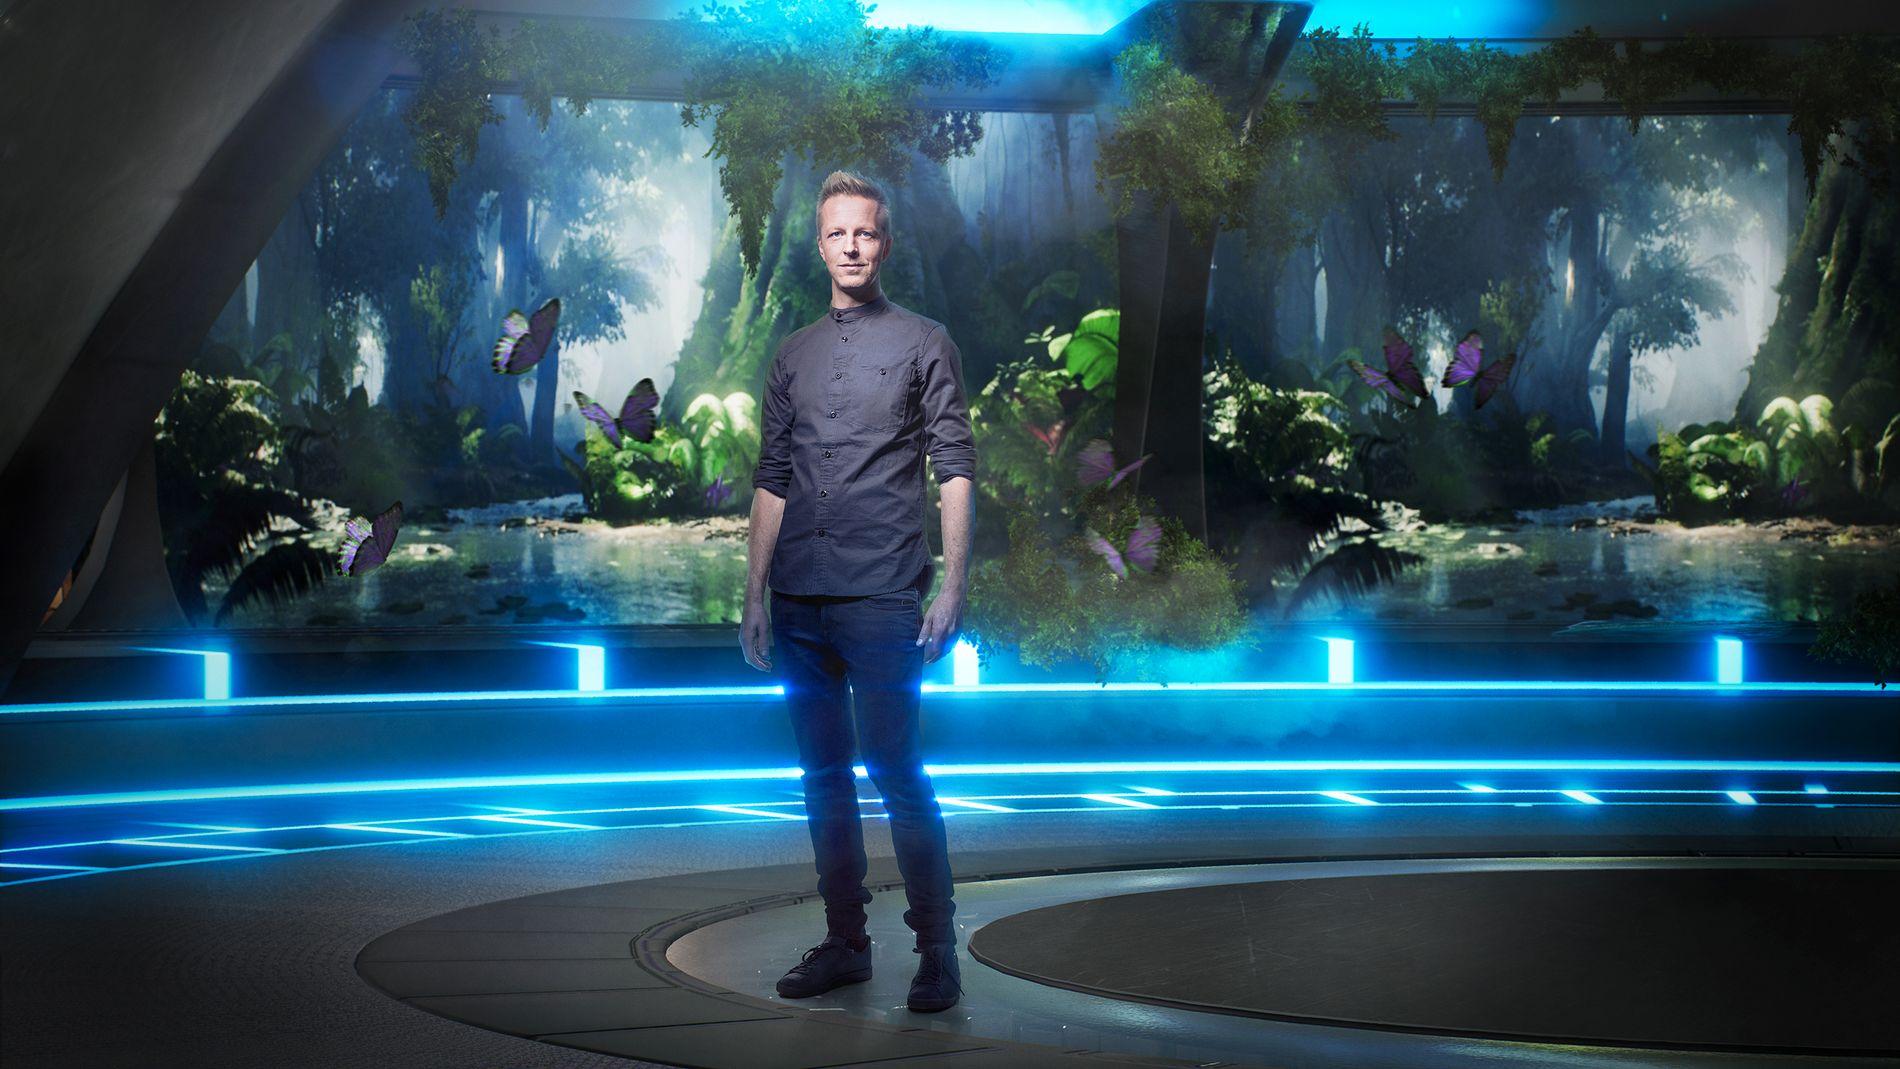 PROGRAMLEDER: Vanligvis gir han «Alt for Norge», men nå blir Fridtjof Nilsen programleder for TVNorges nye storsatsing «Lost in time» som har premiere til våren.